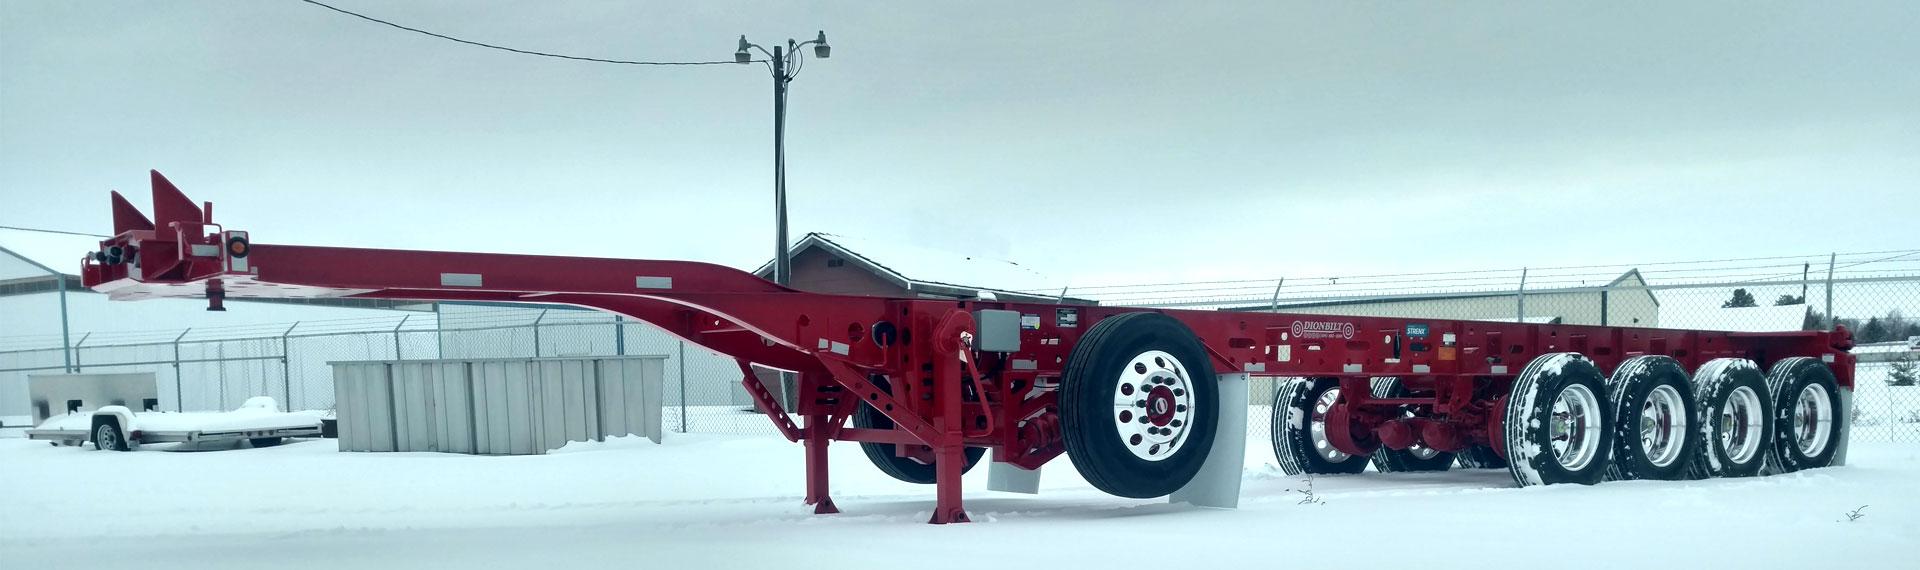 雪上のStrenx® 100製軽量ロングトレーラーシャーシ